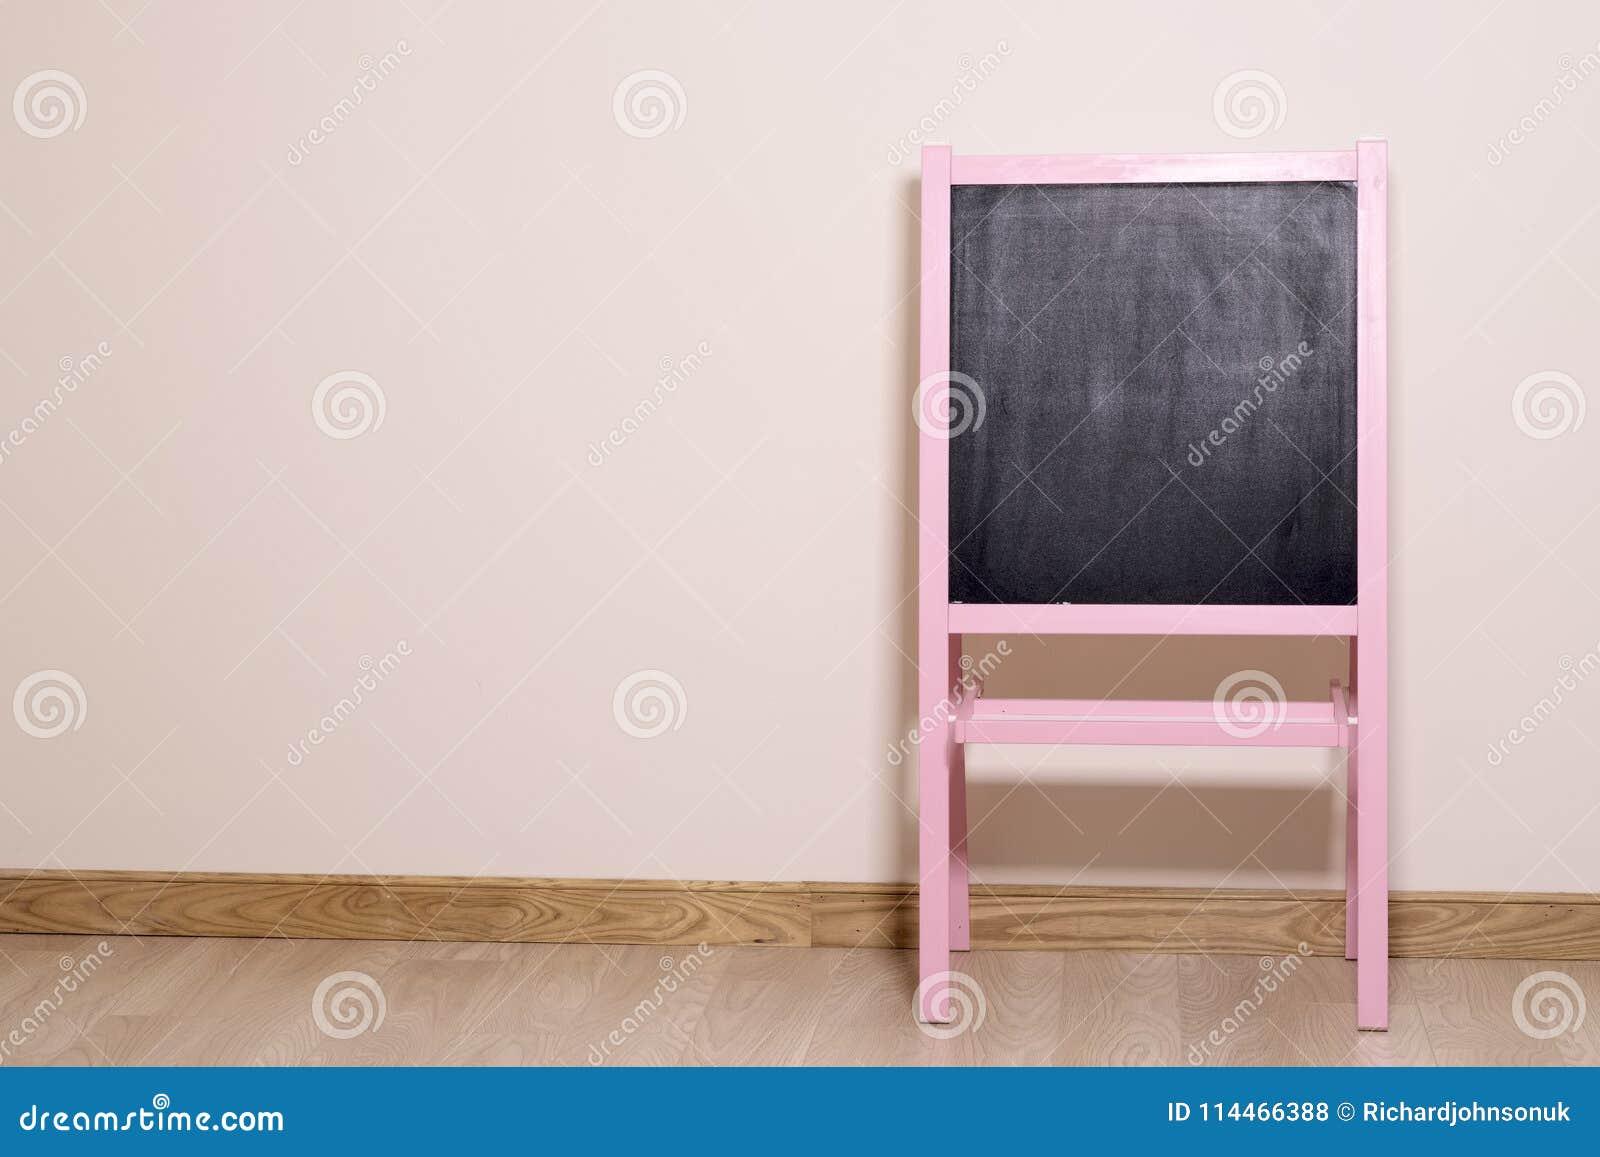 Μαύρη άσπρη διαφήμιση πινάκων σχολικών τάξεων κατηγορίας δωματίων στο ρόδινο ξύλινο μήνυμα υποβάθρου πλαισίων εκλεκτής ποιότητας